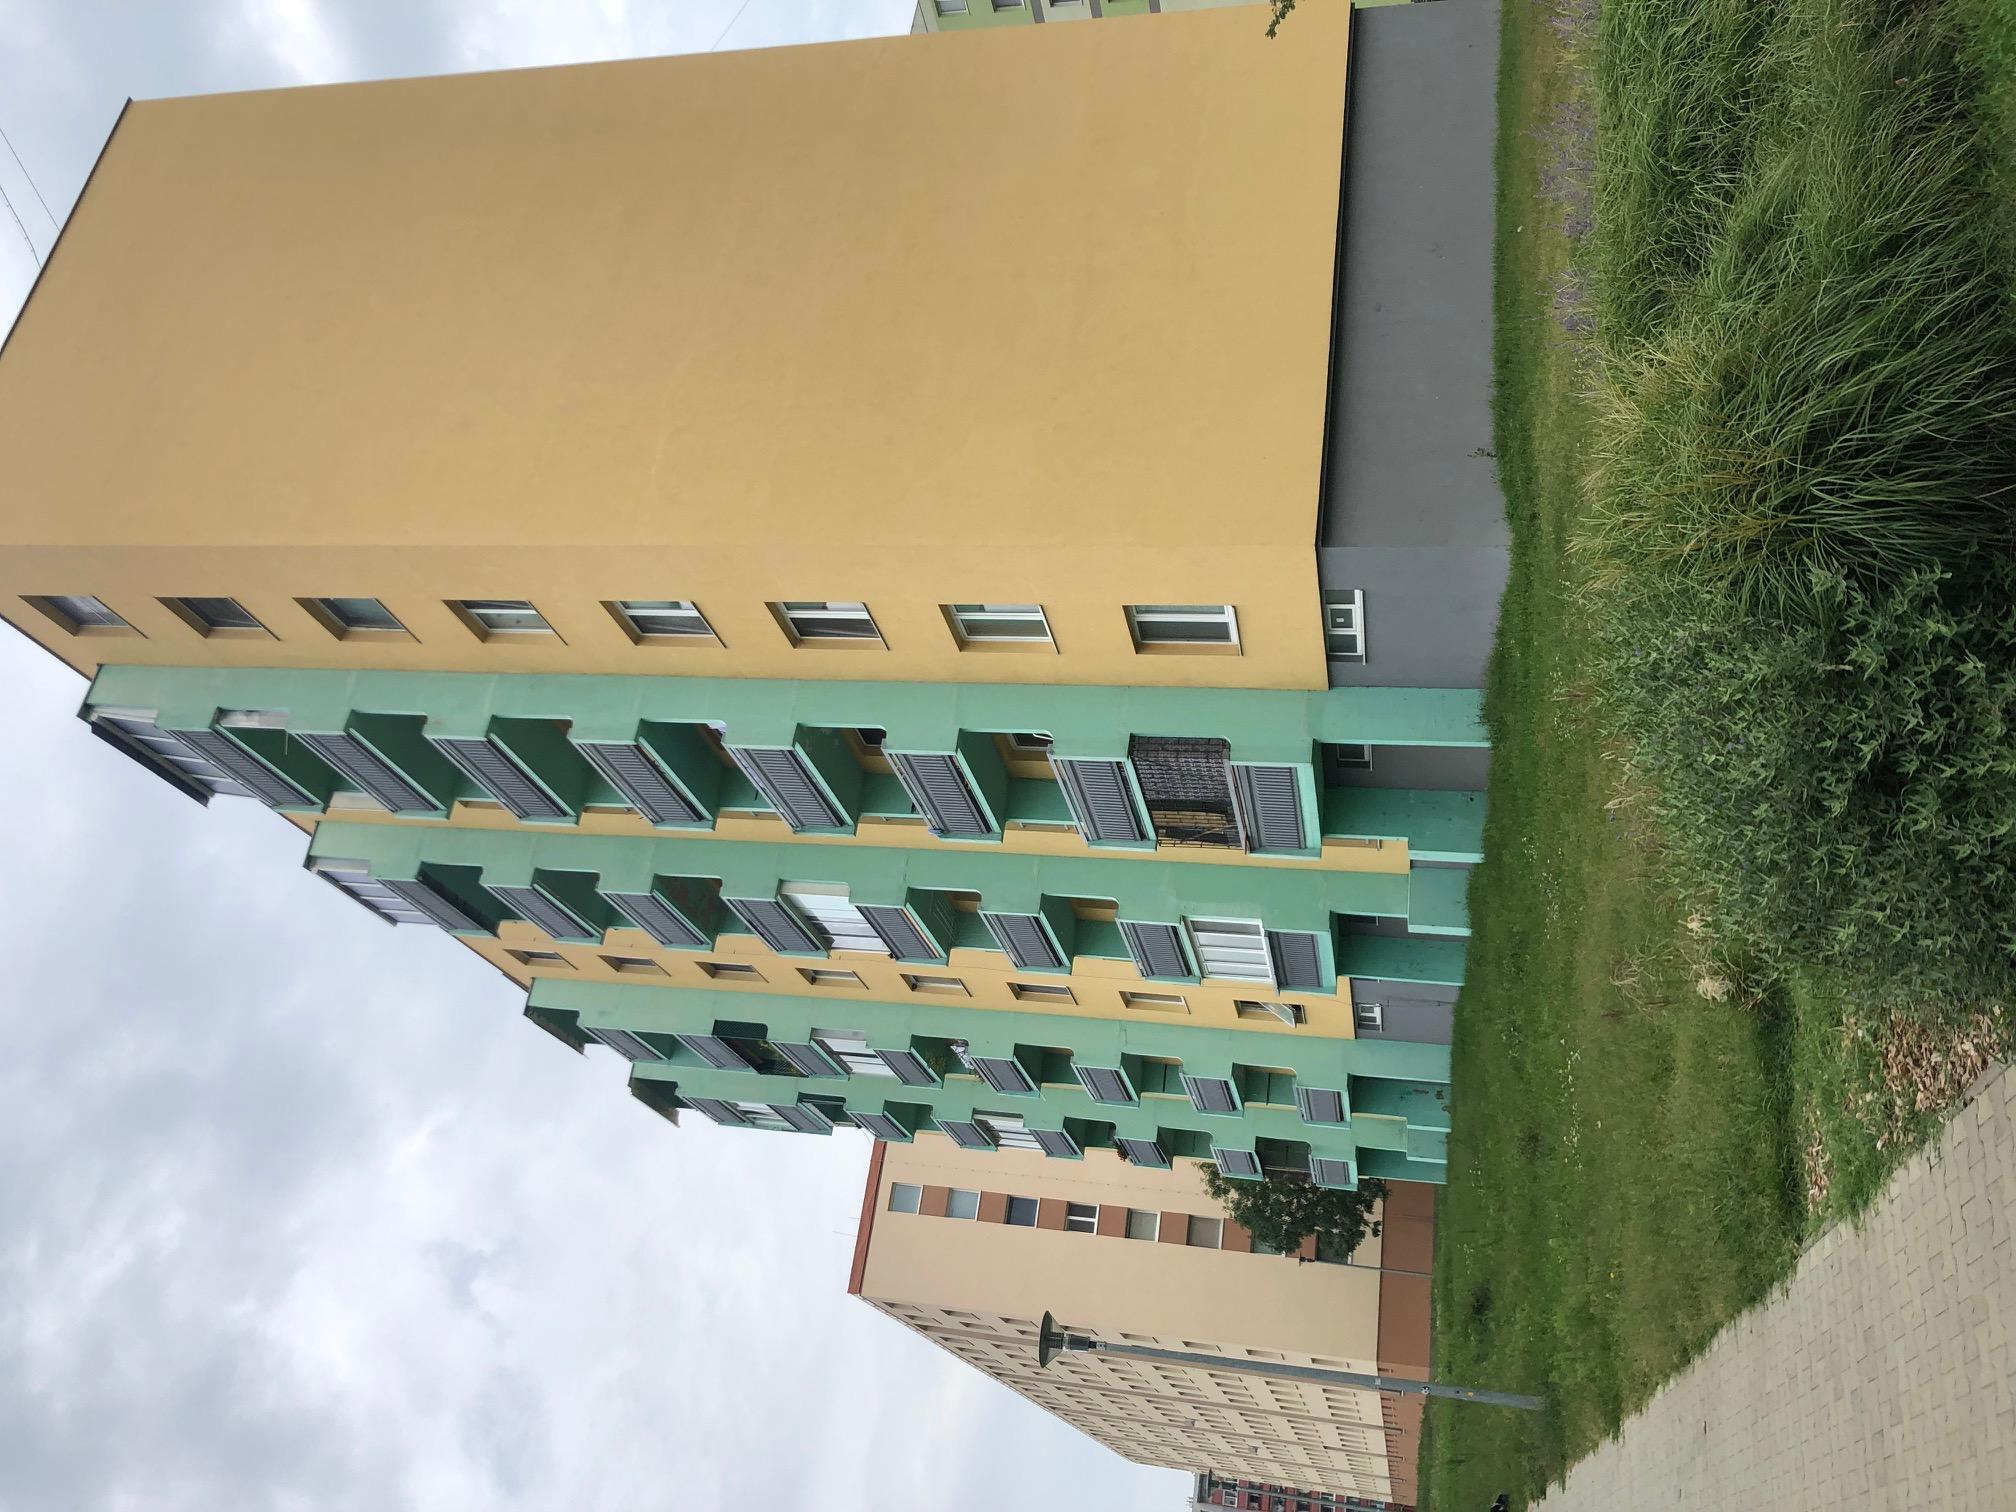 Predané: 2 izbový byt, 52m2, pivnica, pôvodný stav, Skuteckého, Malacky Juh-33